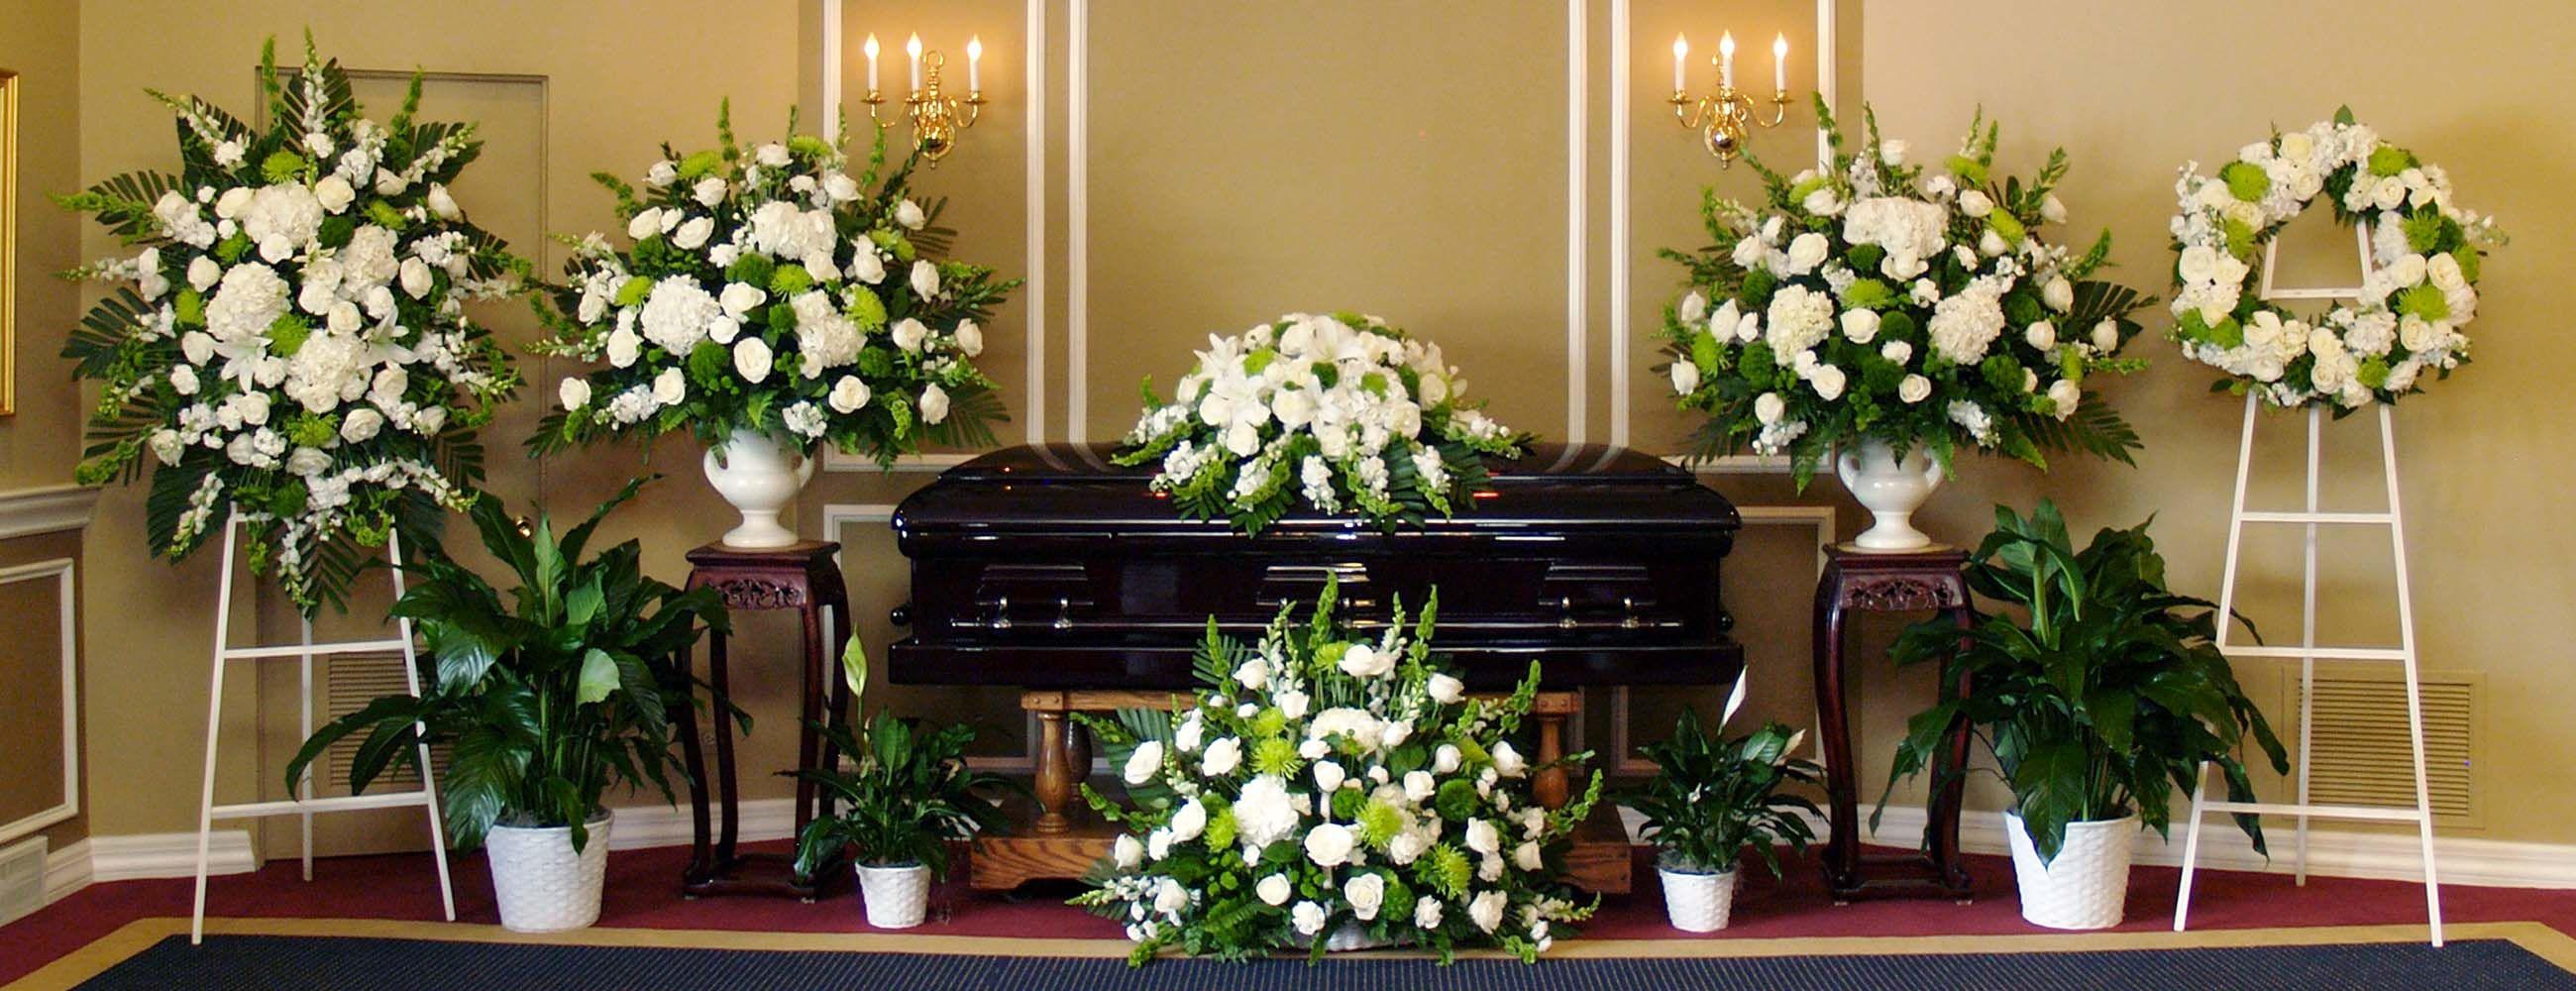 Example Of Funeral Flowers Funeral Flowers Purple Flower Arrangements Funeral